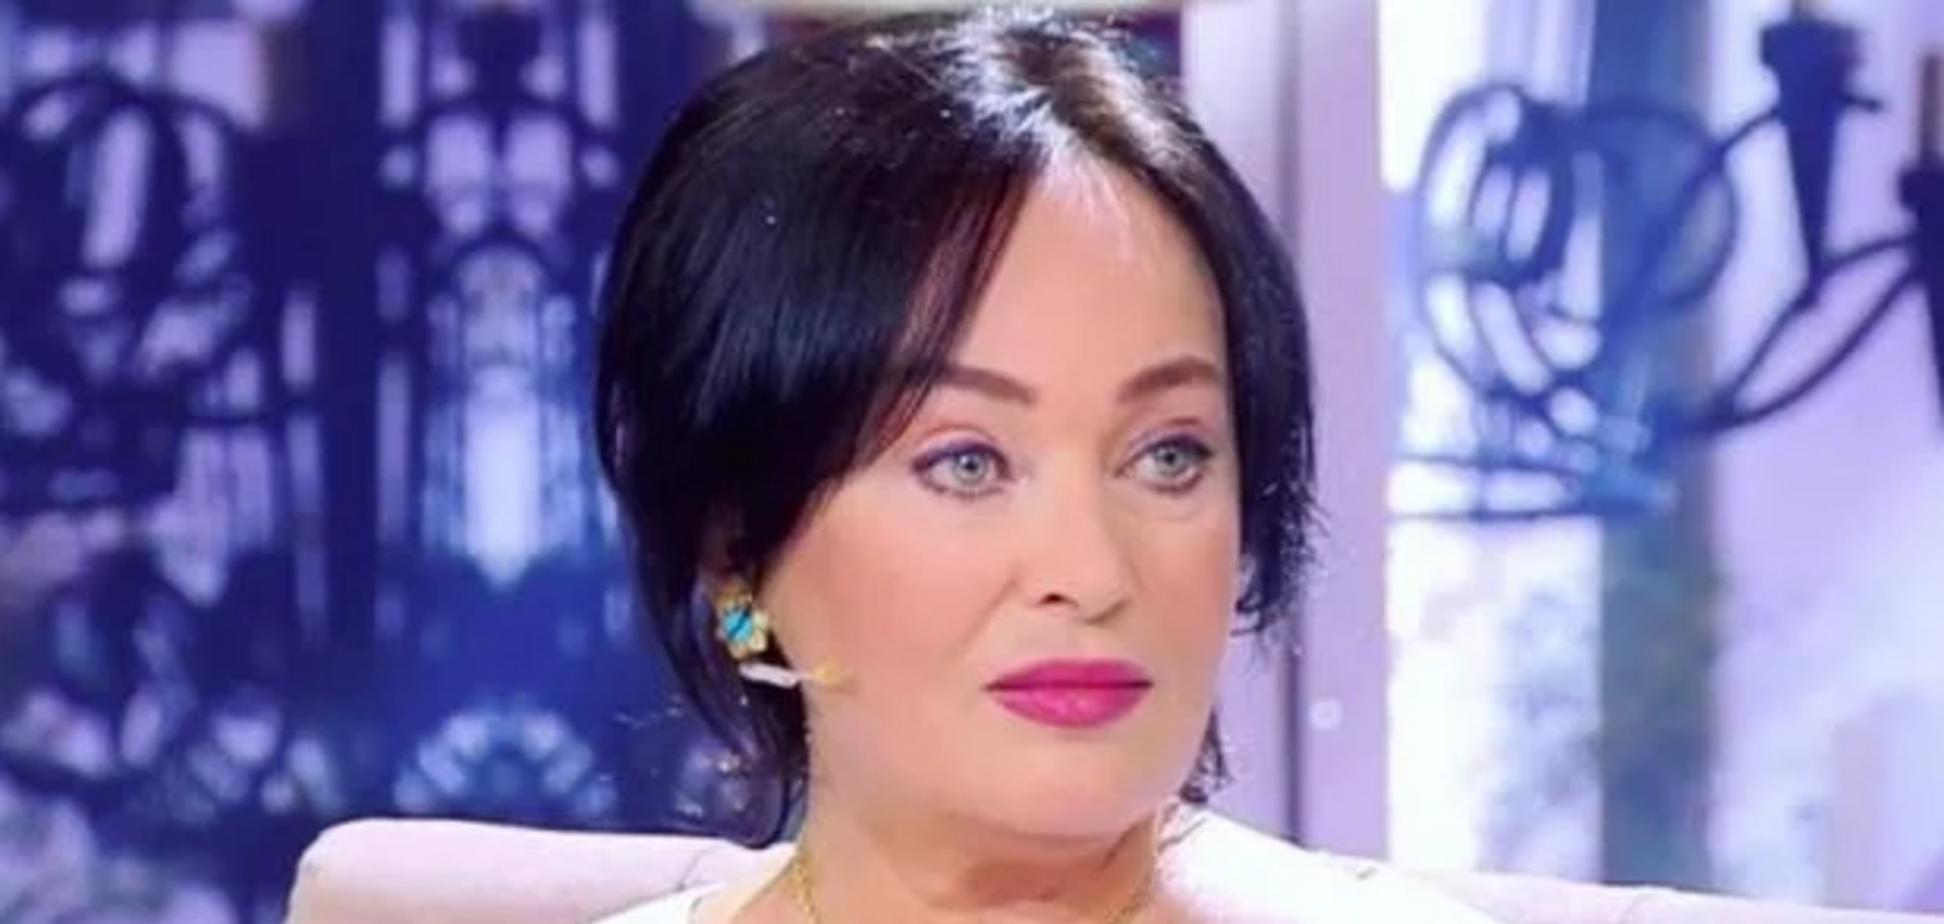 'Пьяная упала и покатилась по сцене': Гузеева призналась в проблемах с алкоголем